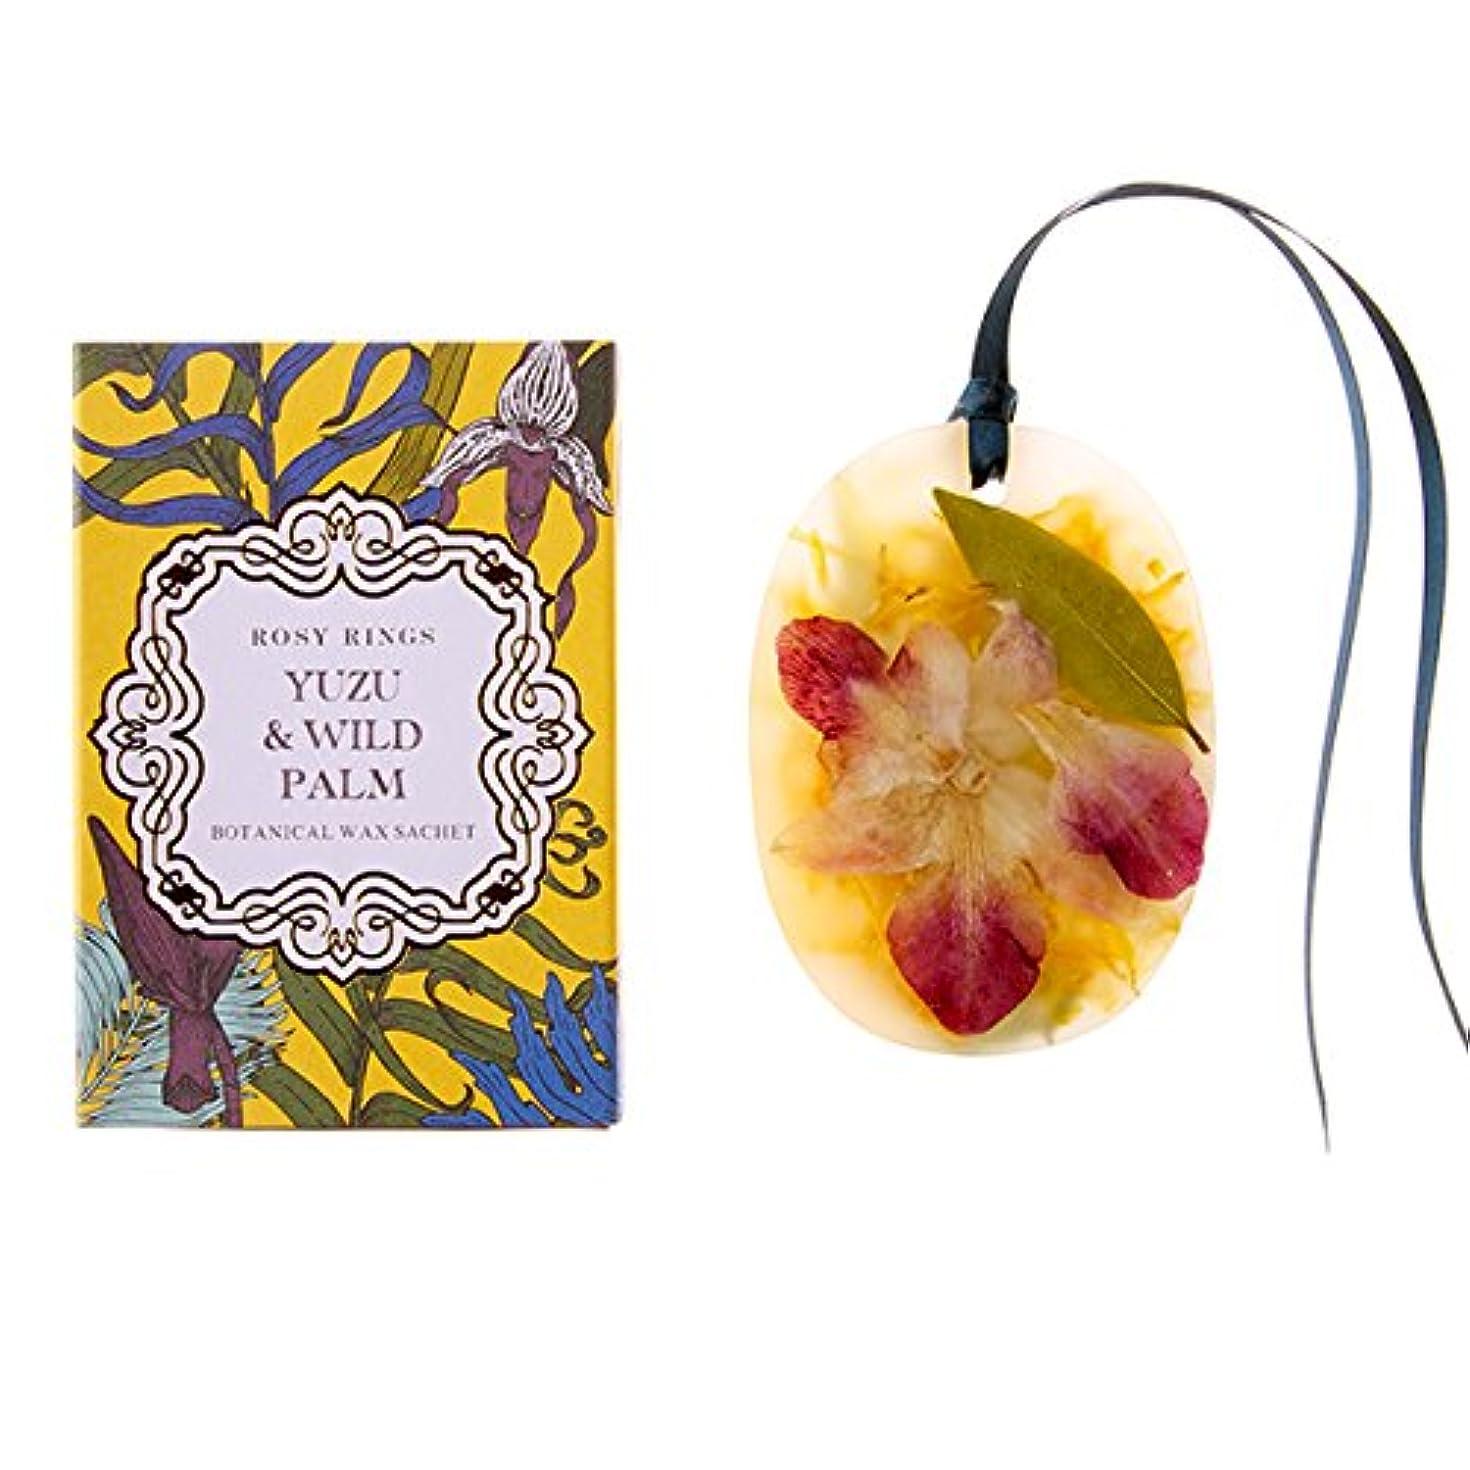 プット締める国ロージーリングス プティボタニカルサシェ ユズ&ワイルドパーム ROSY RINGS Petite Oval Botanical Wax Sachet Yuzu & Wild Palm